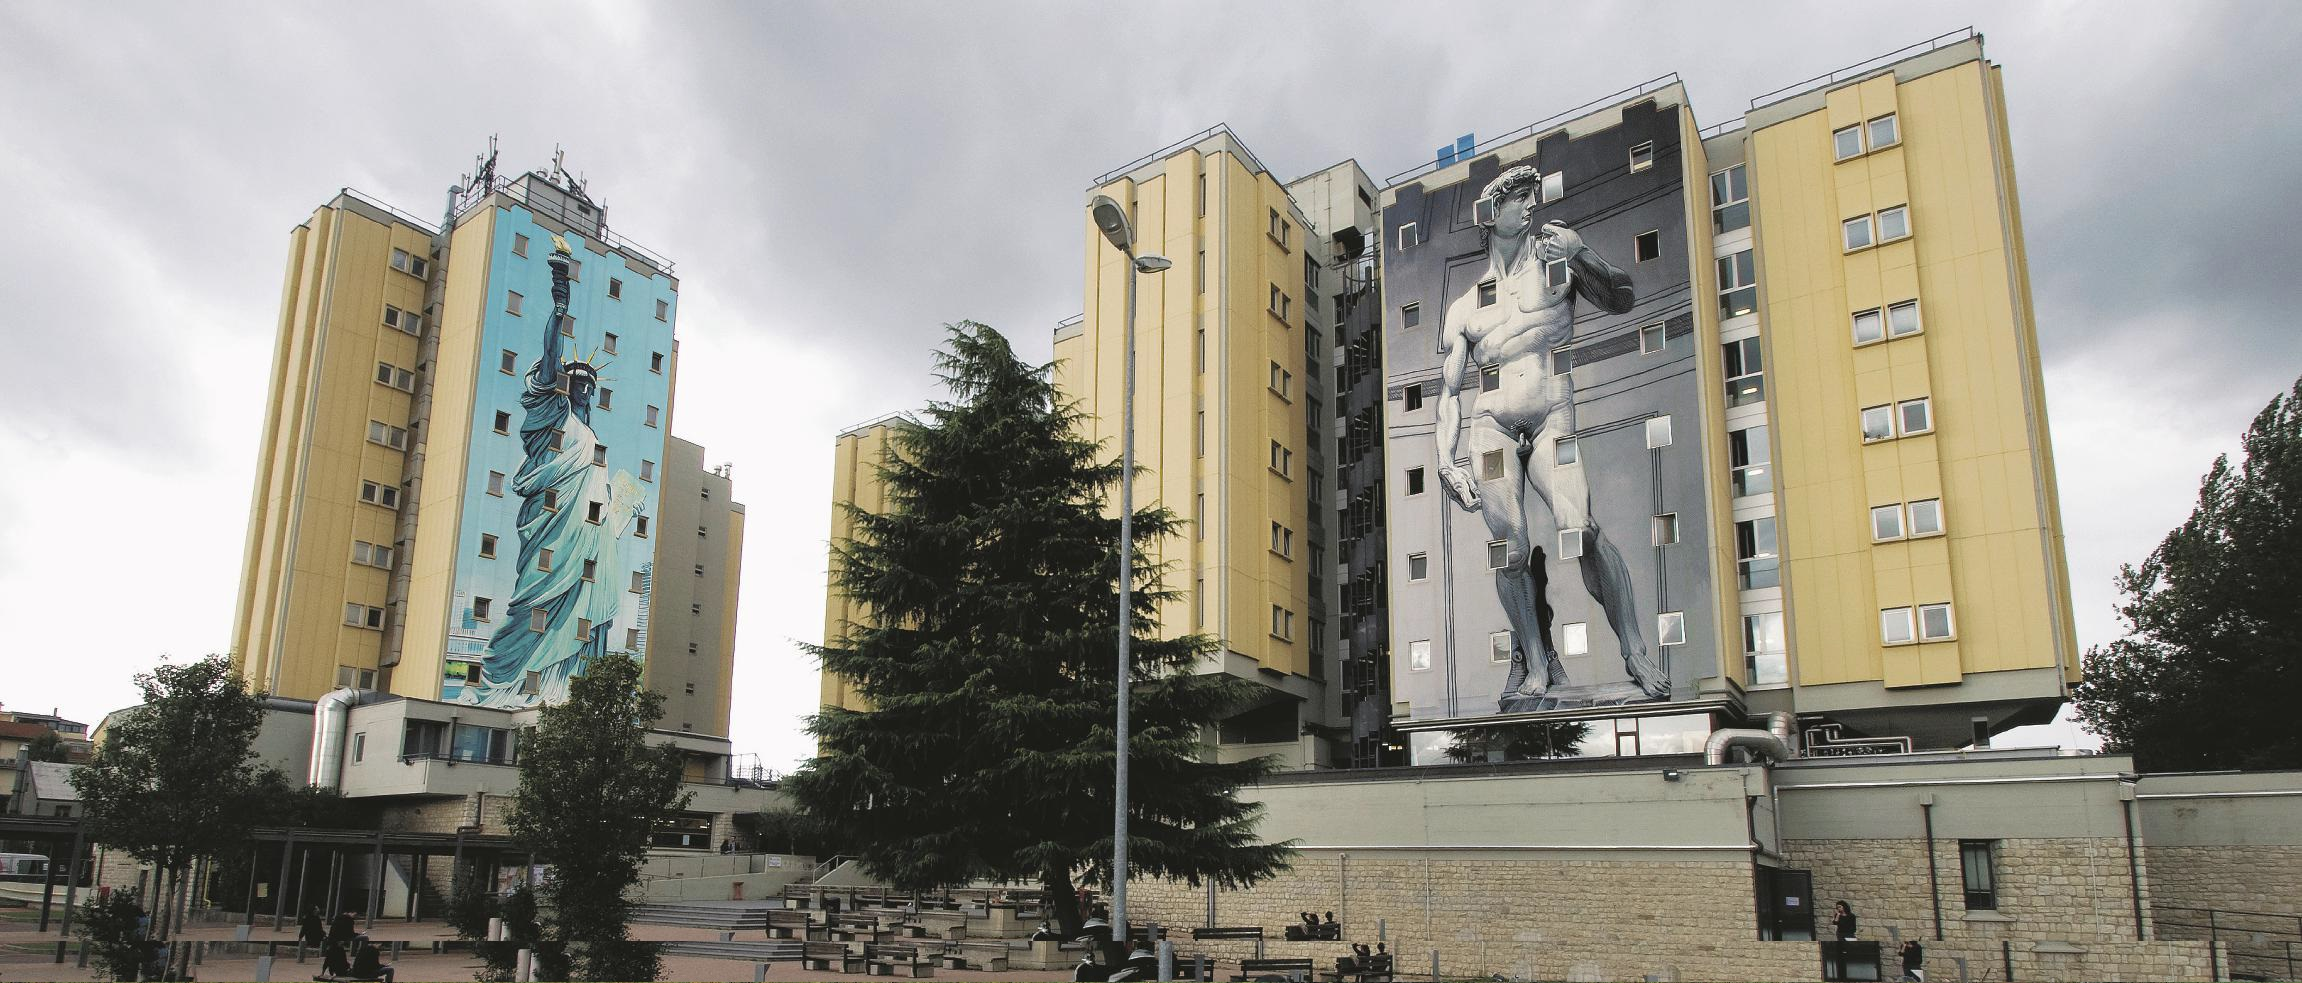 DOPO. Casa dello studente, Firenze. (Bozzetto di Gionata Gesi (Ozmo))  Ozmo, all'anagrafe Gionata Gesi, dopo un debutto nel mondo del fumetto ha iniziato a realizzare opere di Street Art nel 2001, a partire dalle pareti del Leoncavallo di Milano. Ha lavorato in varie parti del mondo, sia in strada che in gallerie e musei. In questi periodo è negli Stati Uniti. Sul Fatto Quotidiano di lunedì 10 novembre 2014